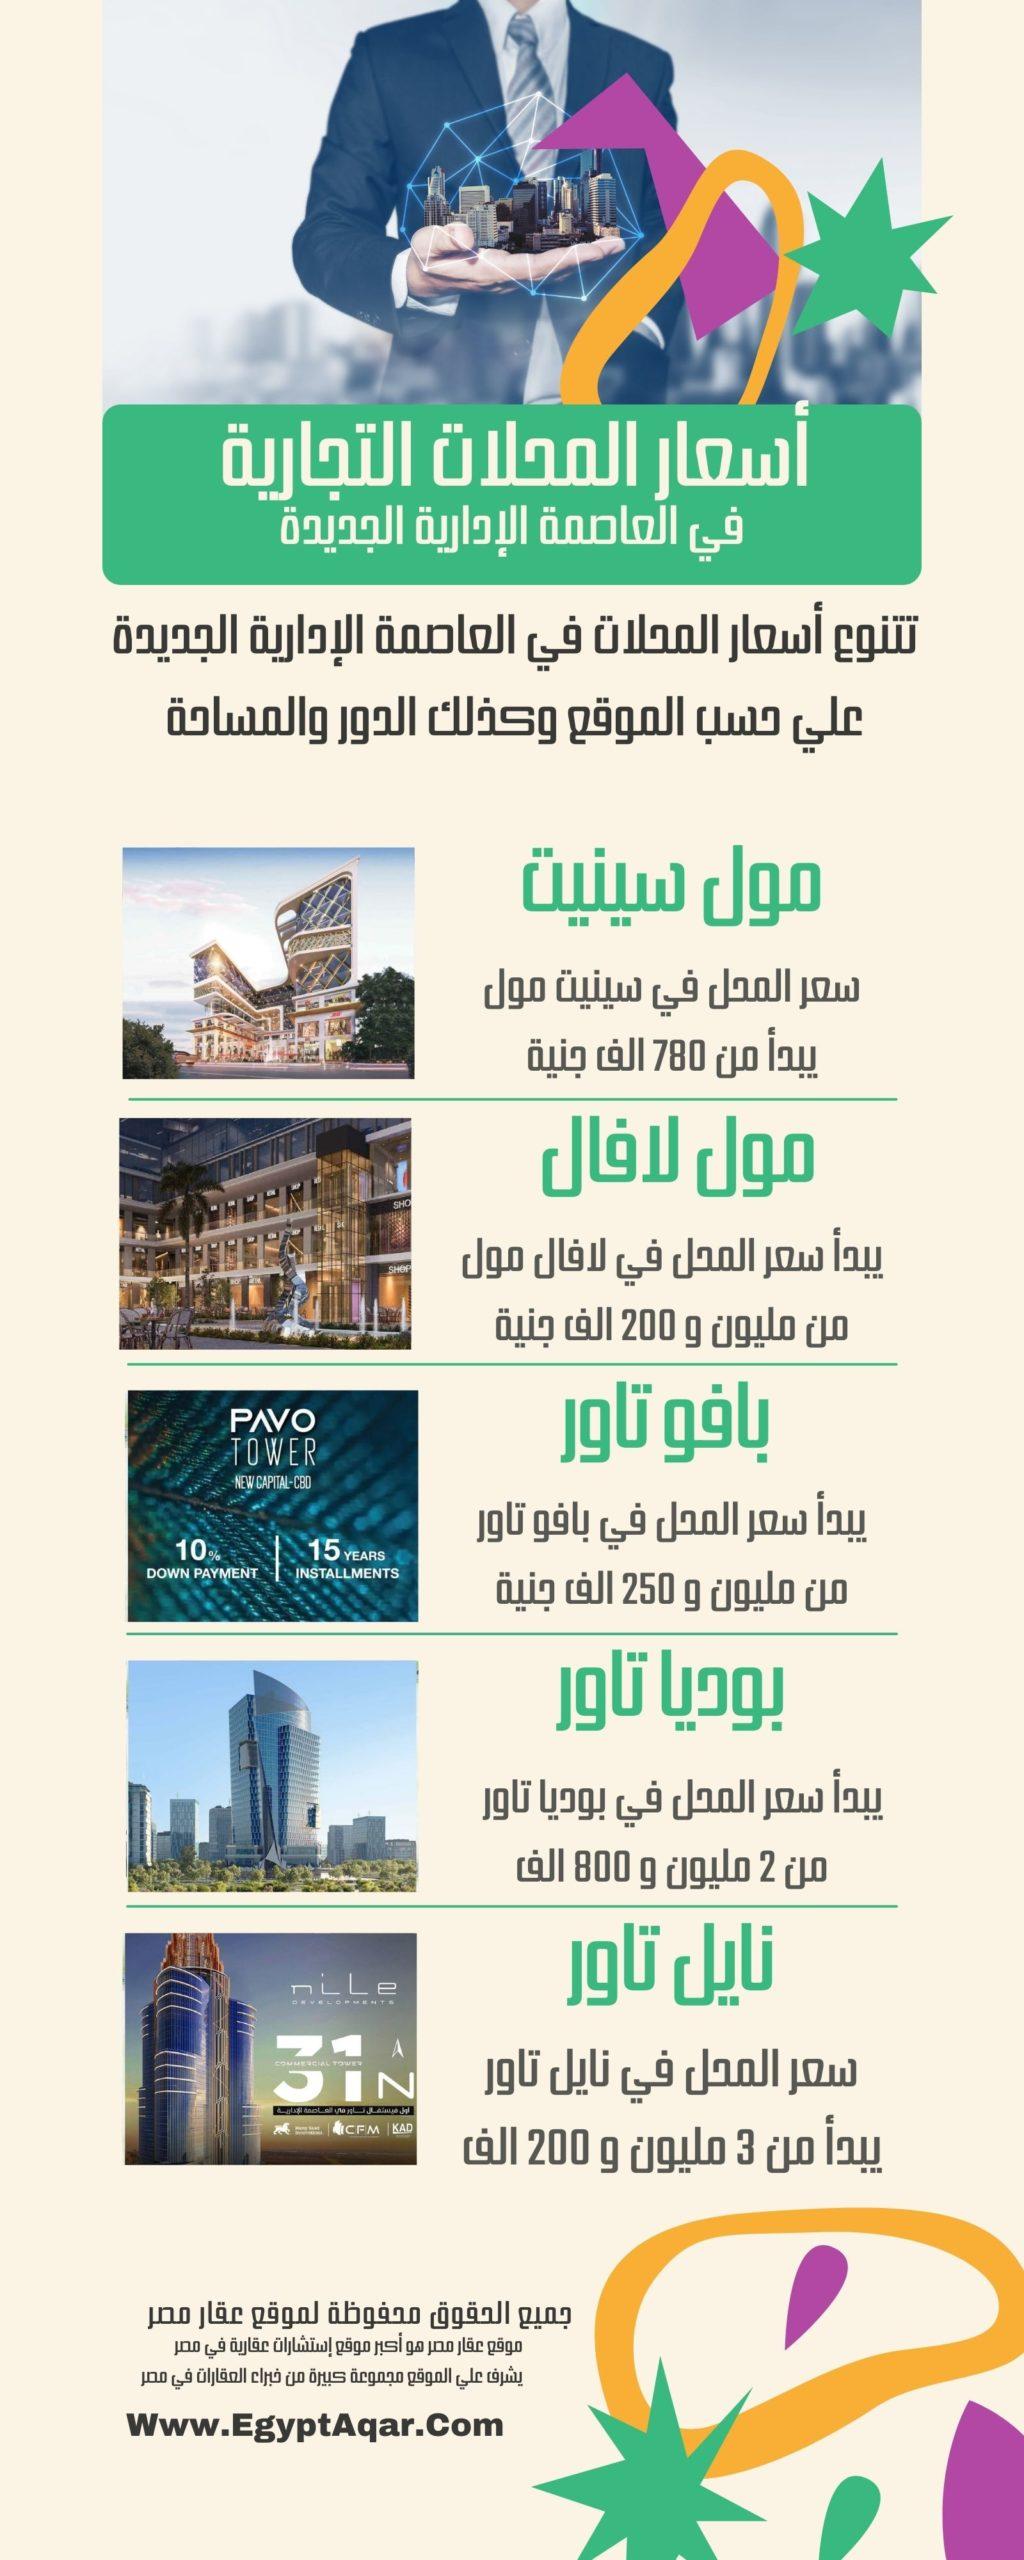 اسعار محلات العاصمة الادارية الجديدة 2021